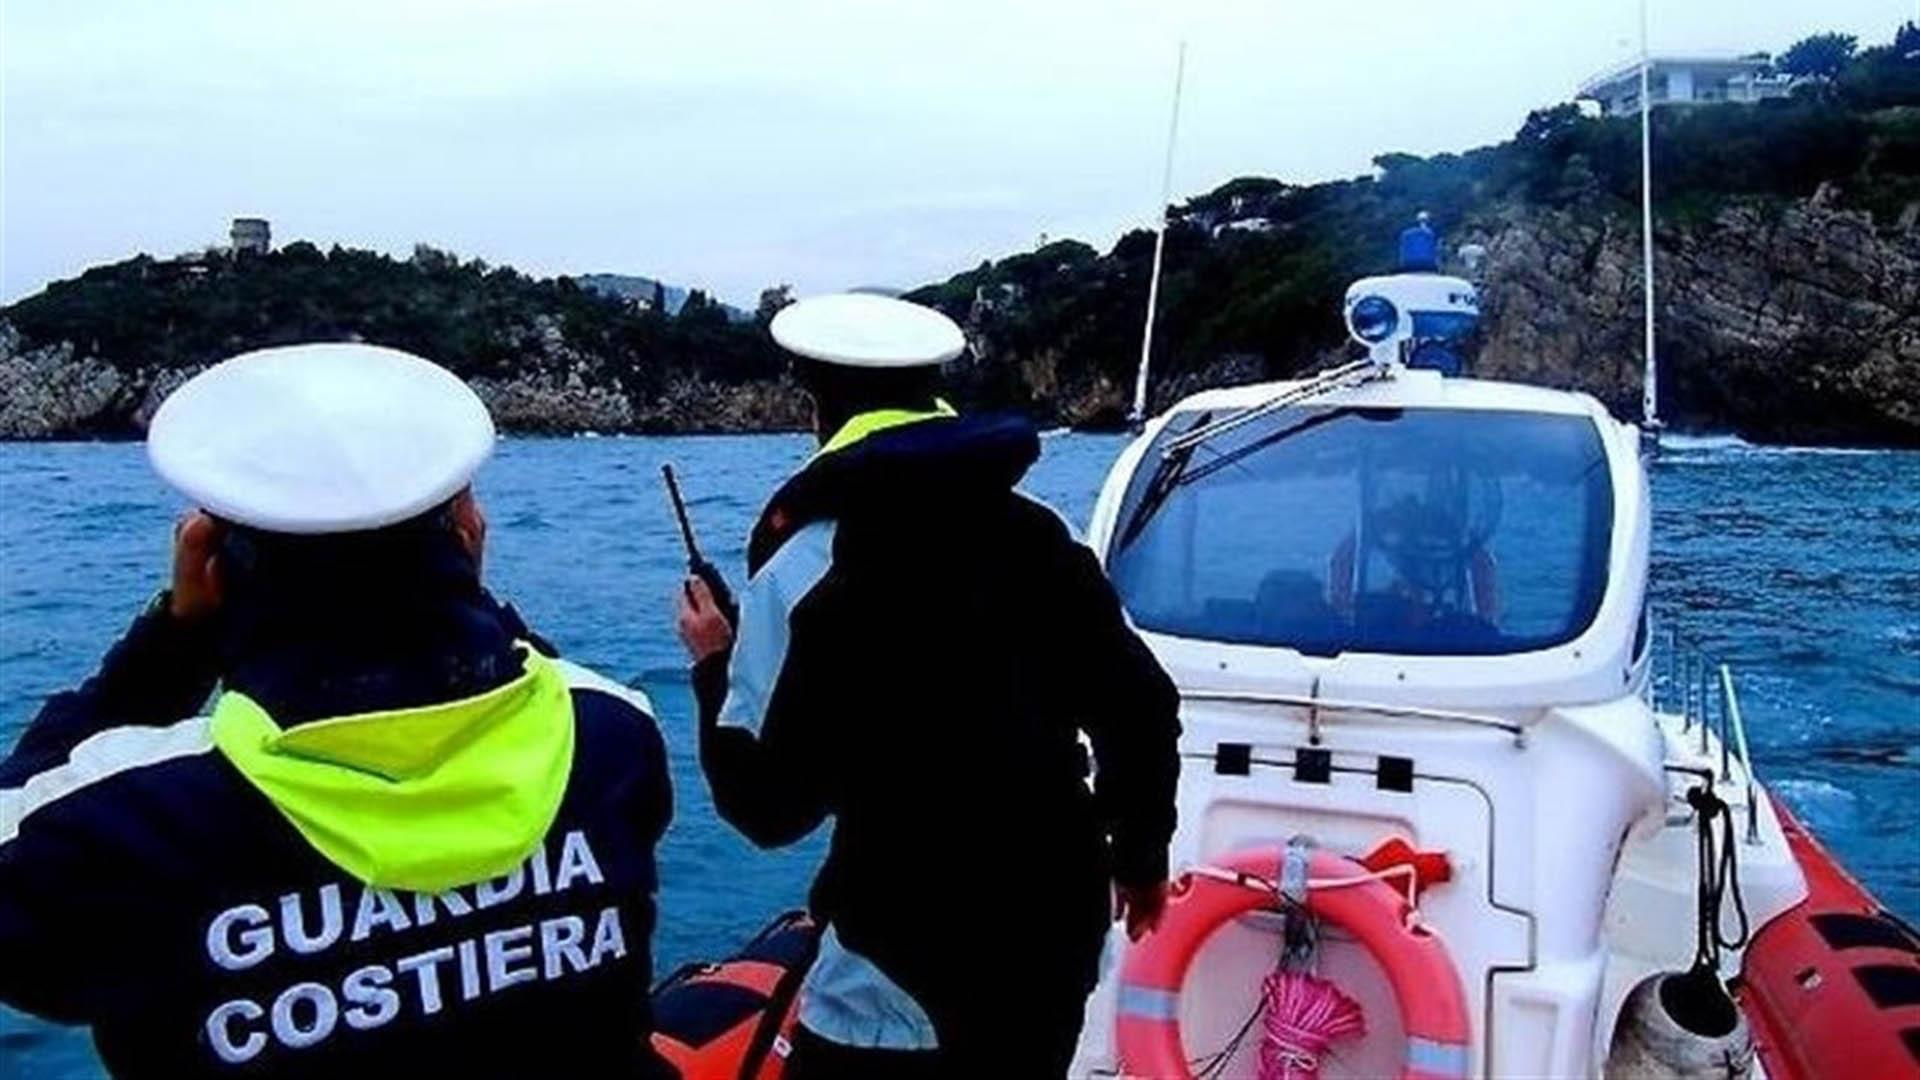 Los efectivos marinos lograron poner a salvo a la tripulación que estaba a bordo de una barco pesquero en llamas